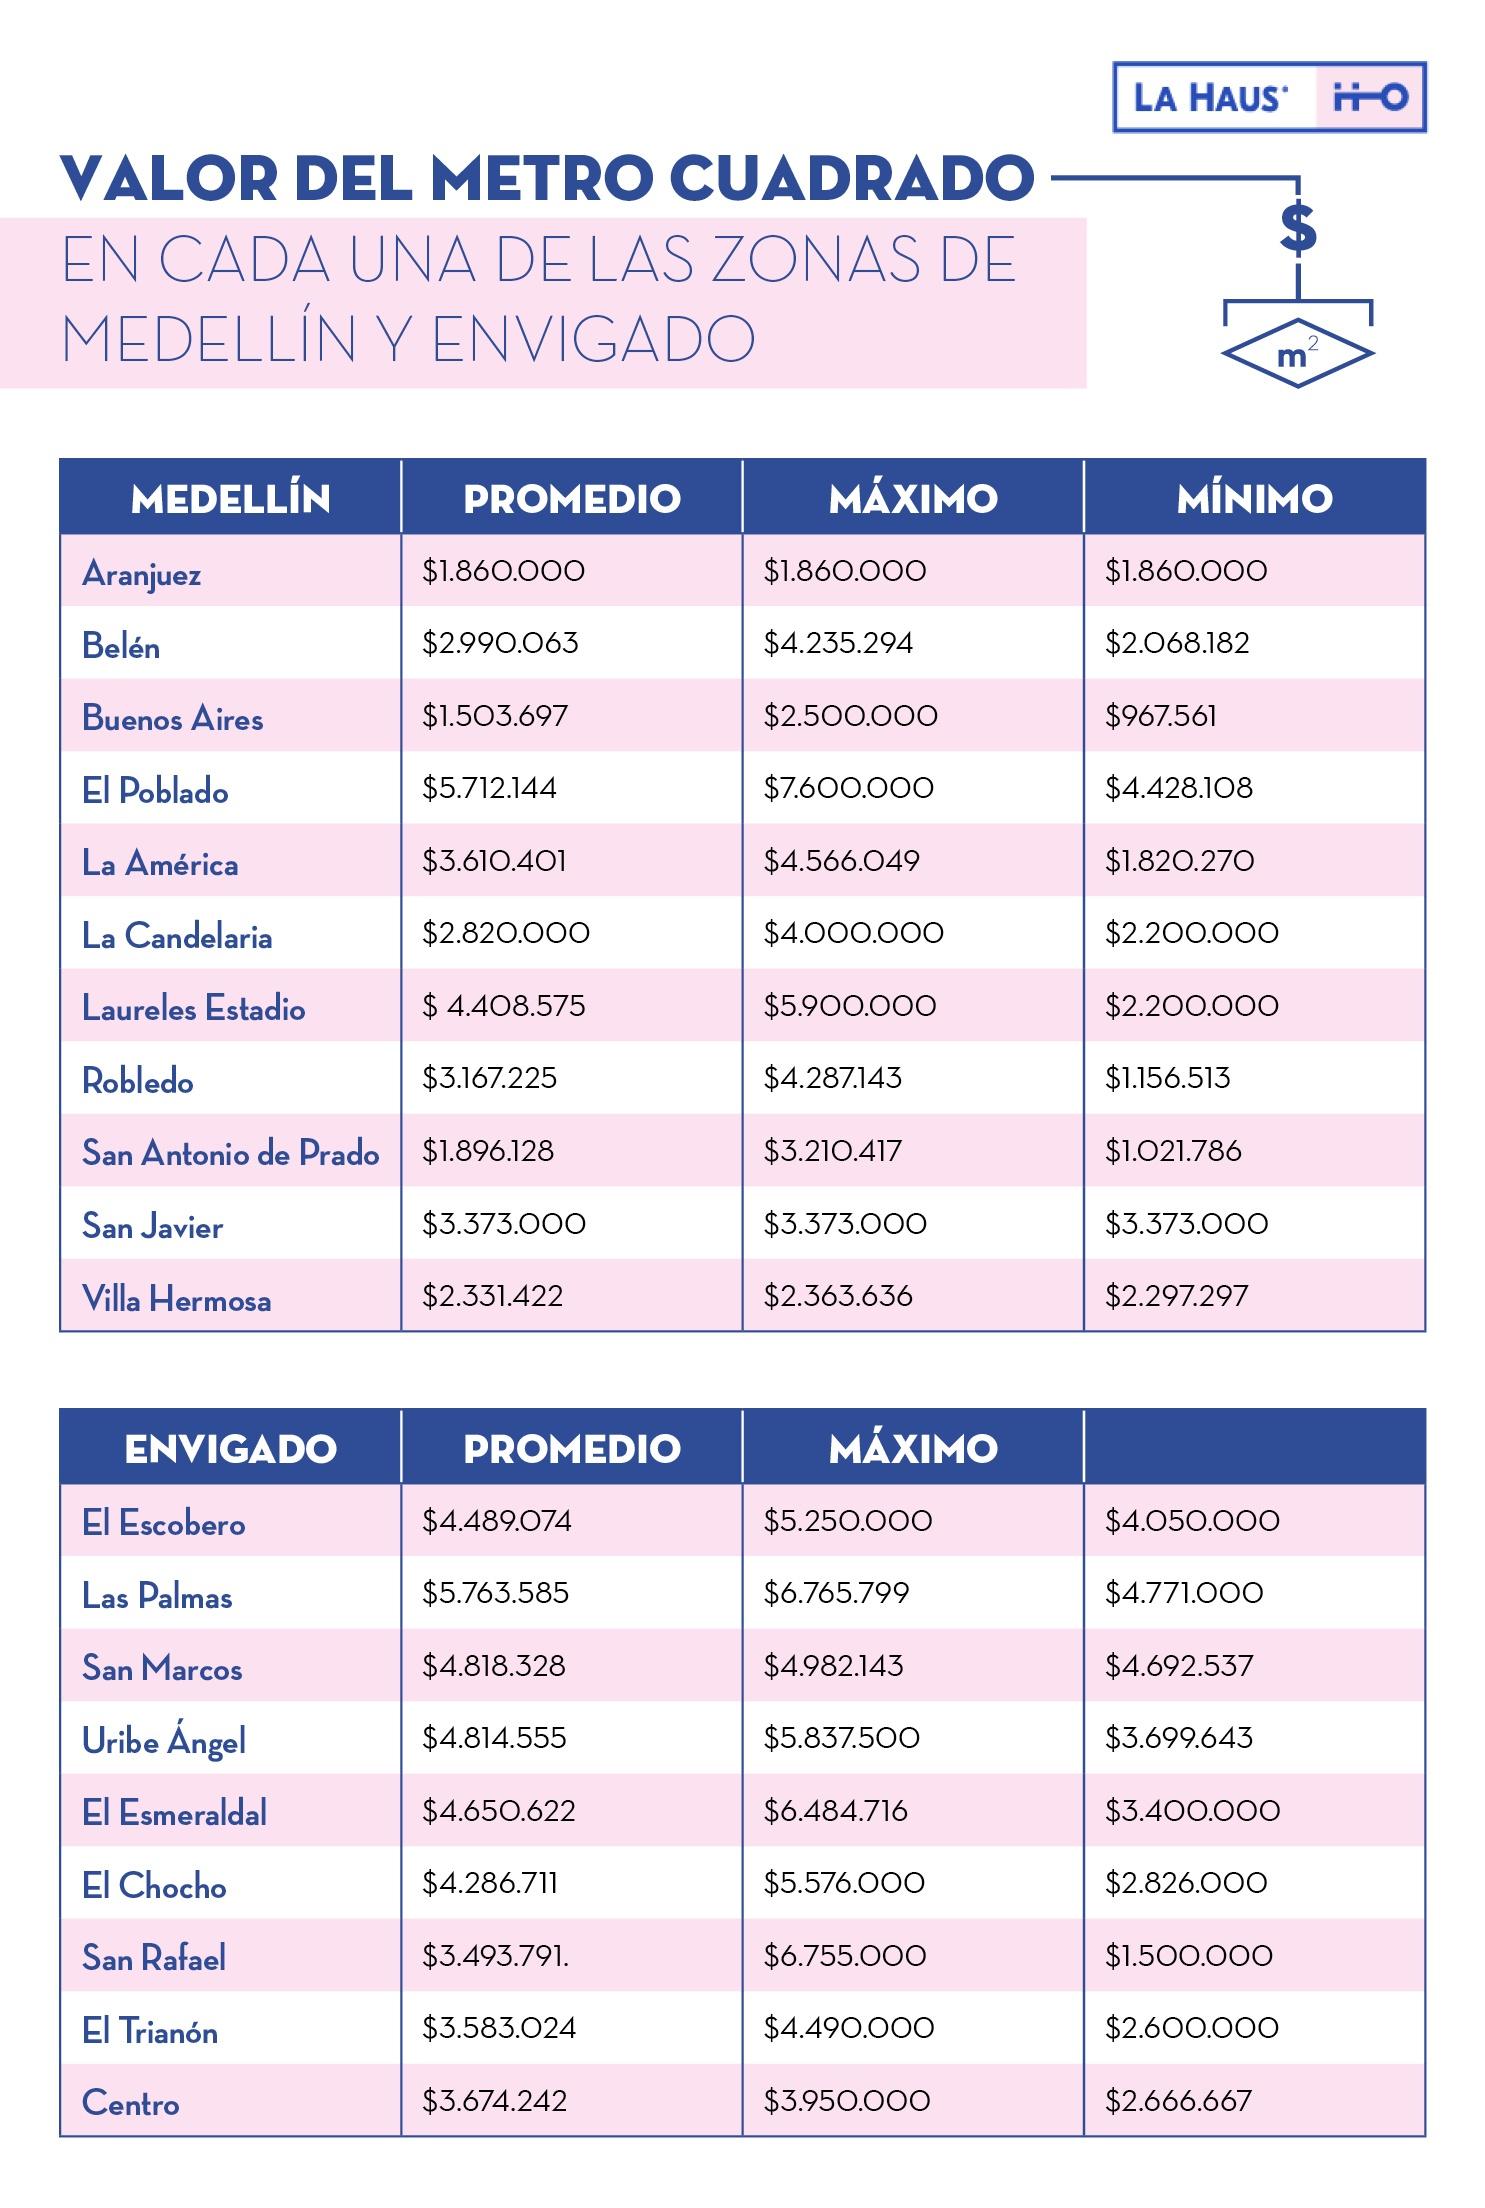 precios metro cuadrado medellín por zonas